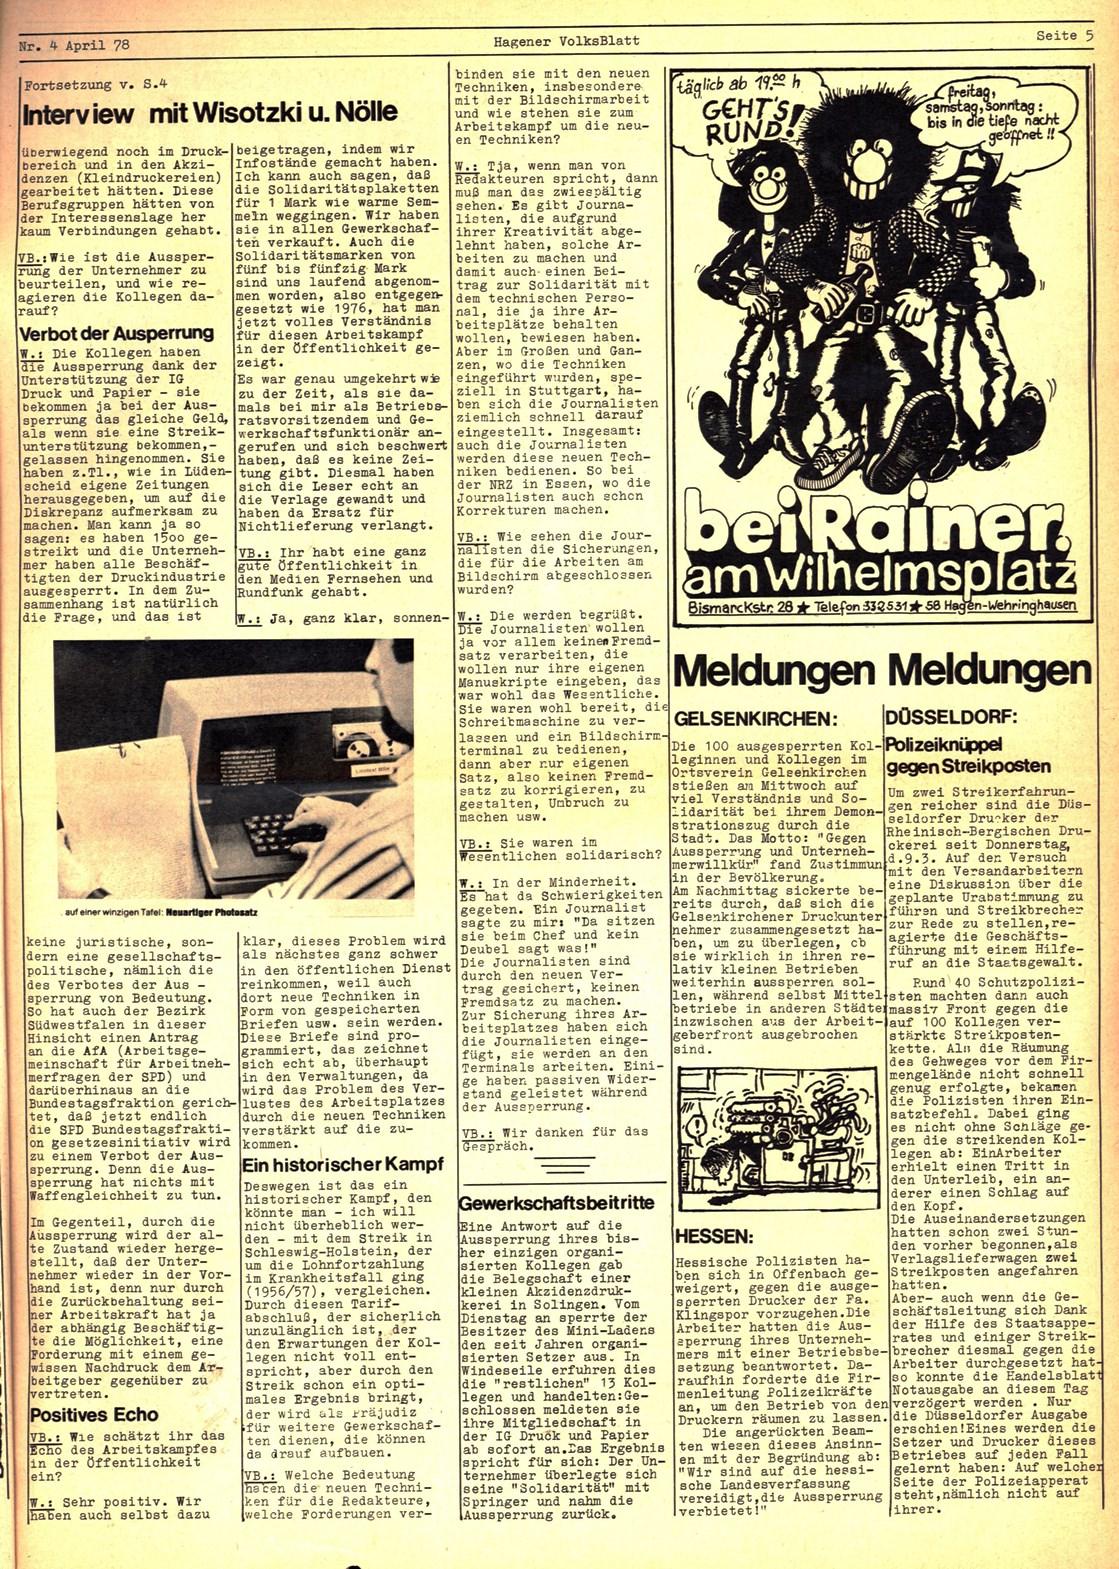 Hagen_Volksblatt_19780400_05